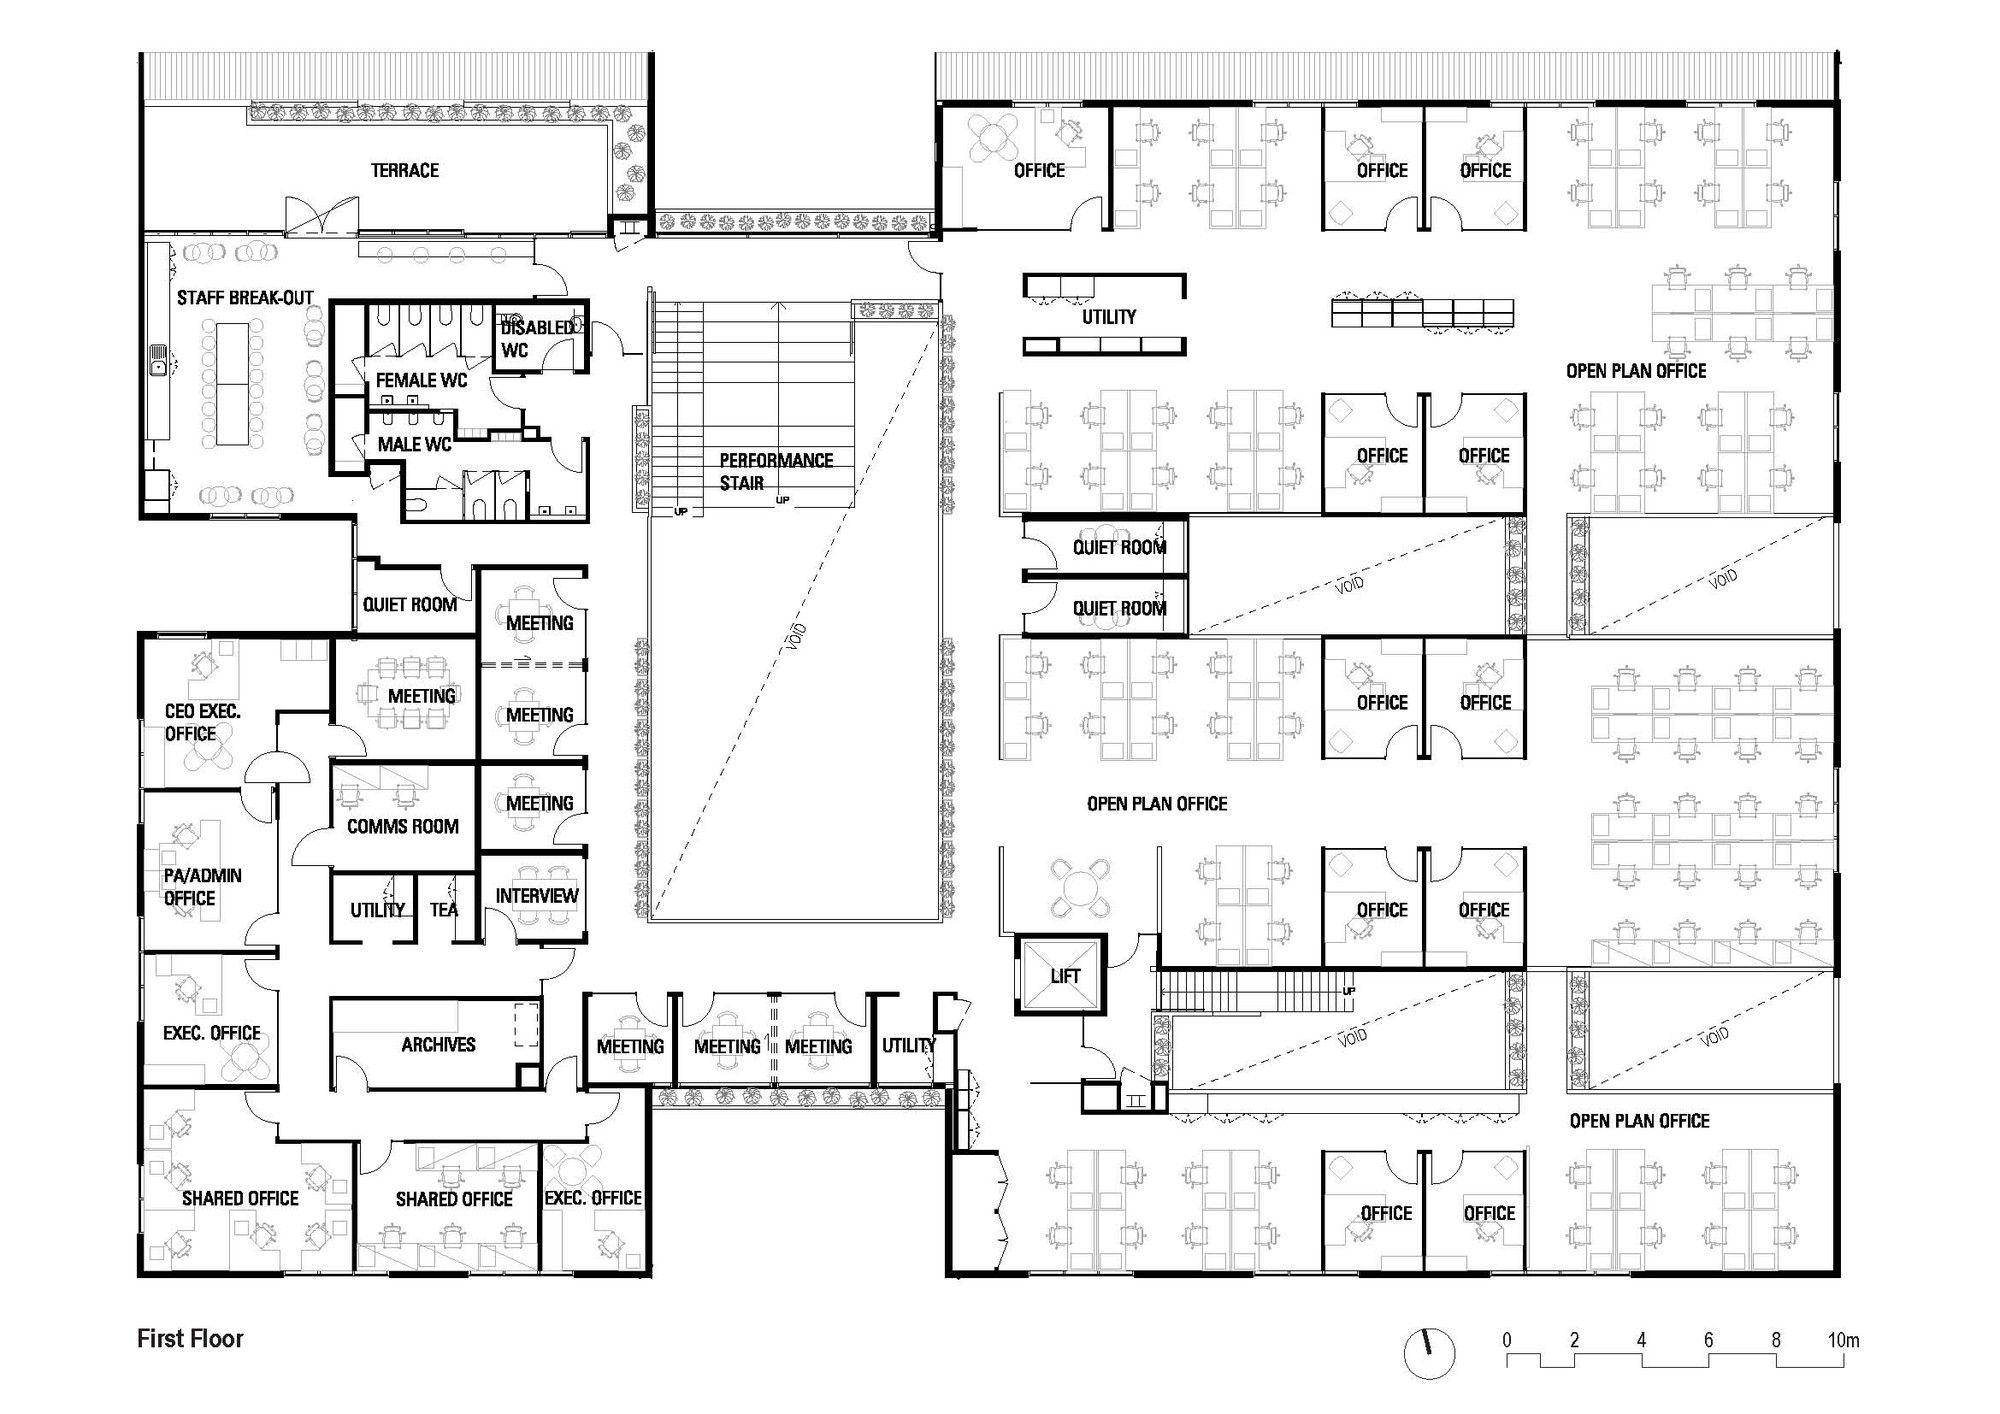 Primary health care center design